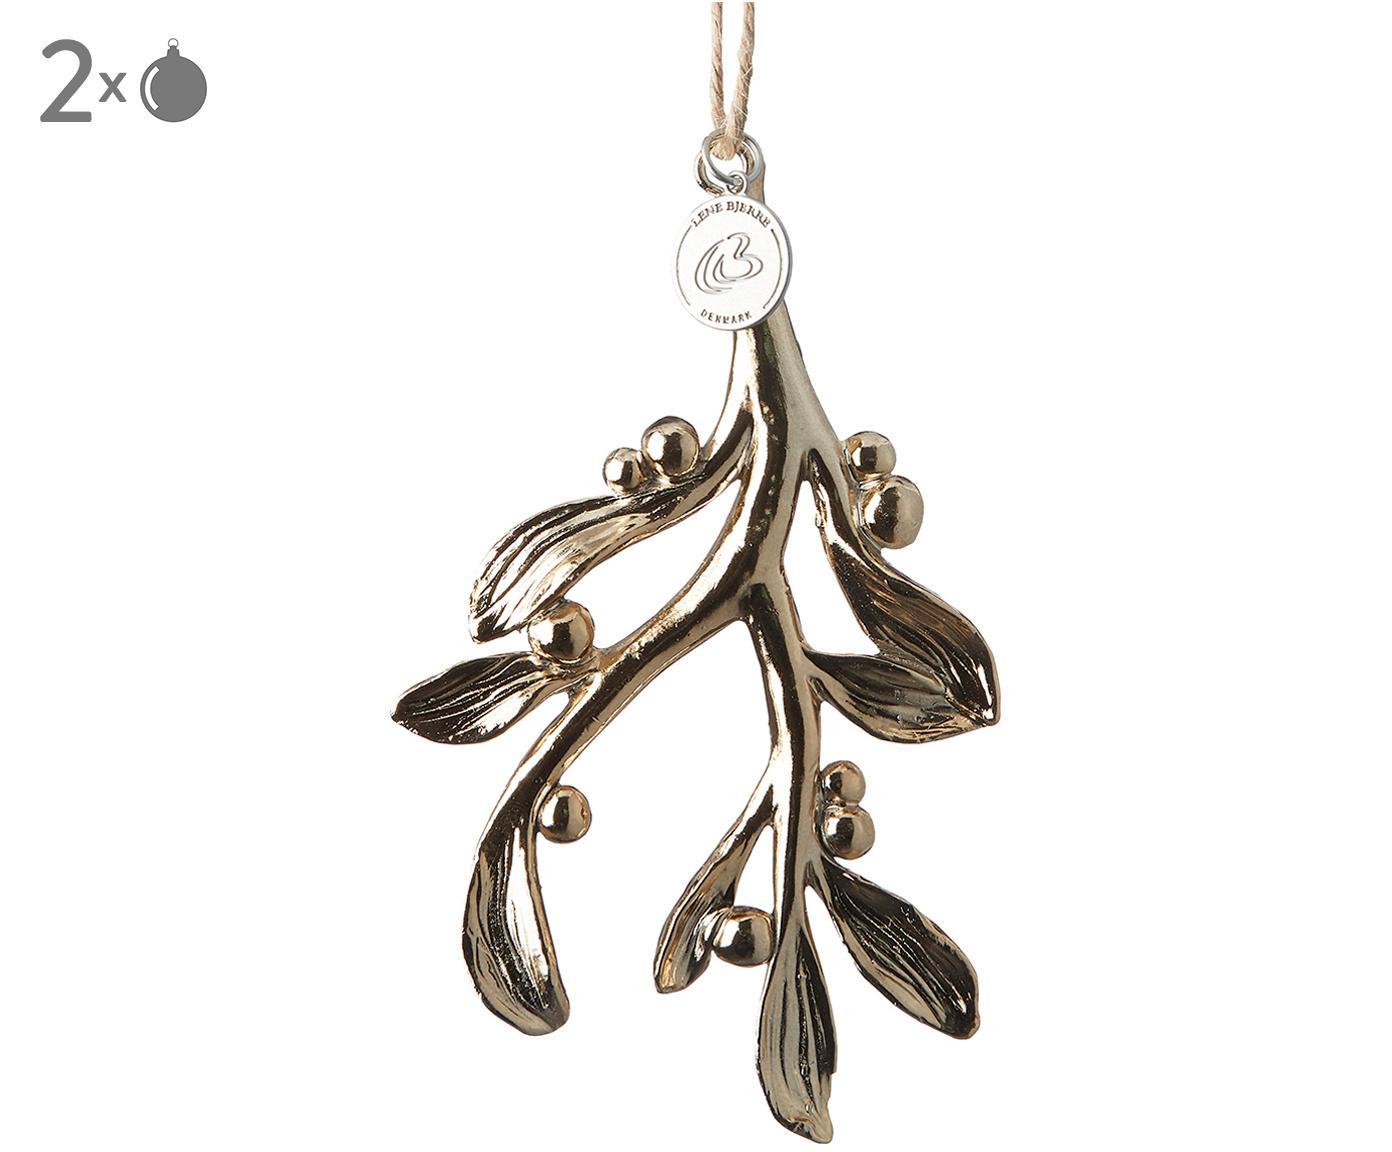 Baumanhänger Serafina Mistletoe, 2 Stück, Goldfarben, 7 x 11 cm